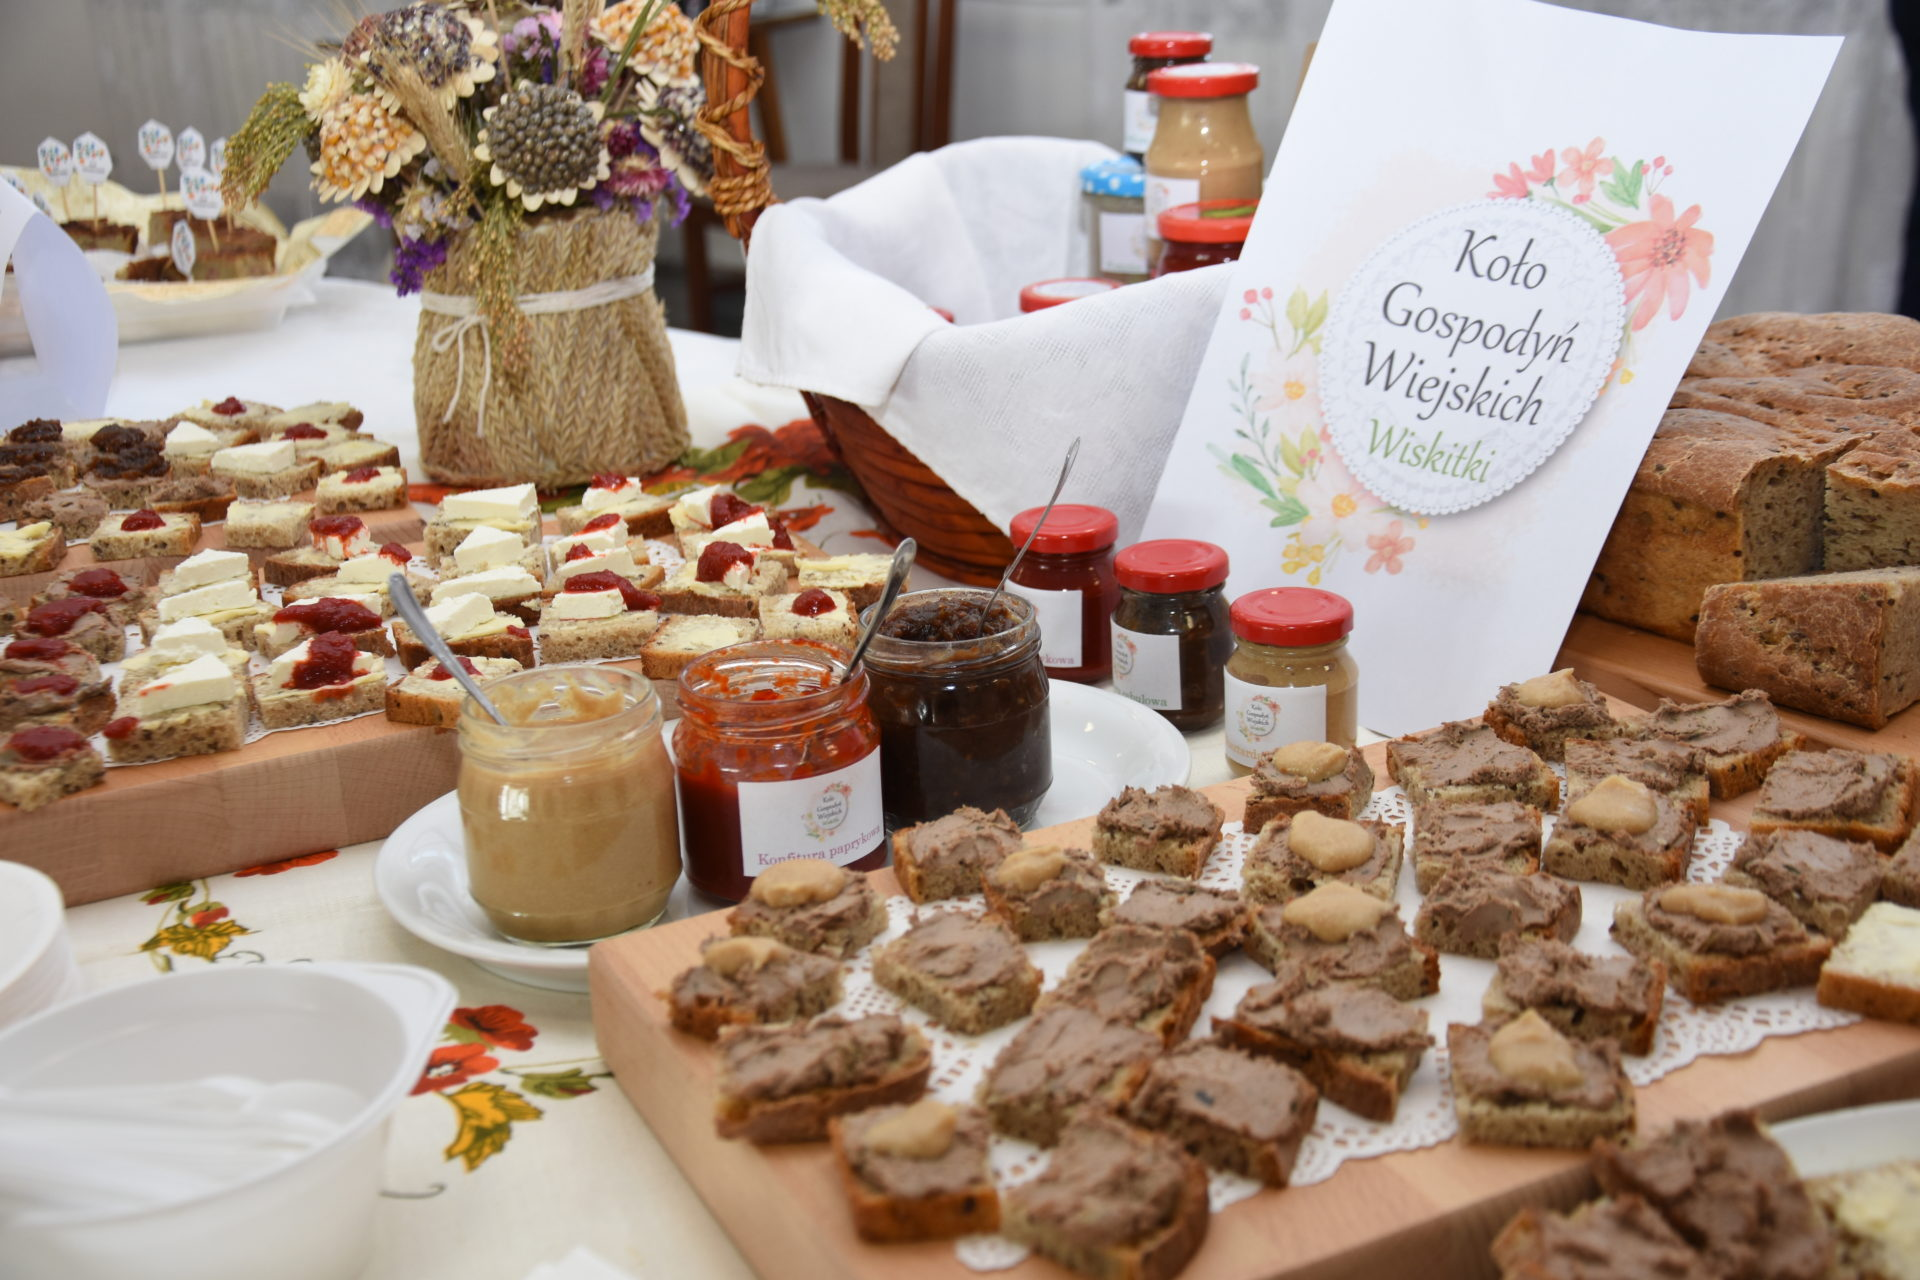 Potrawy regionalne i produkty promocyjne wybrane